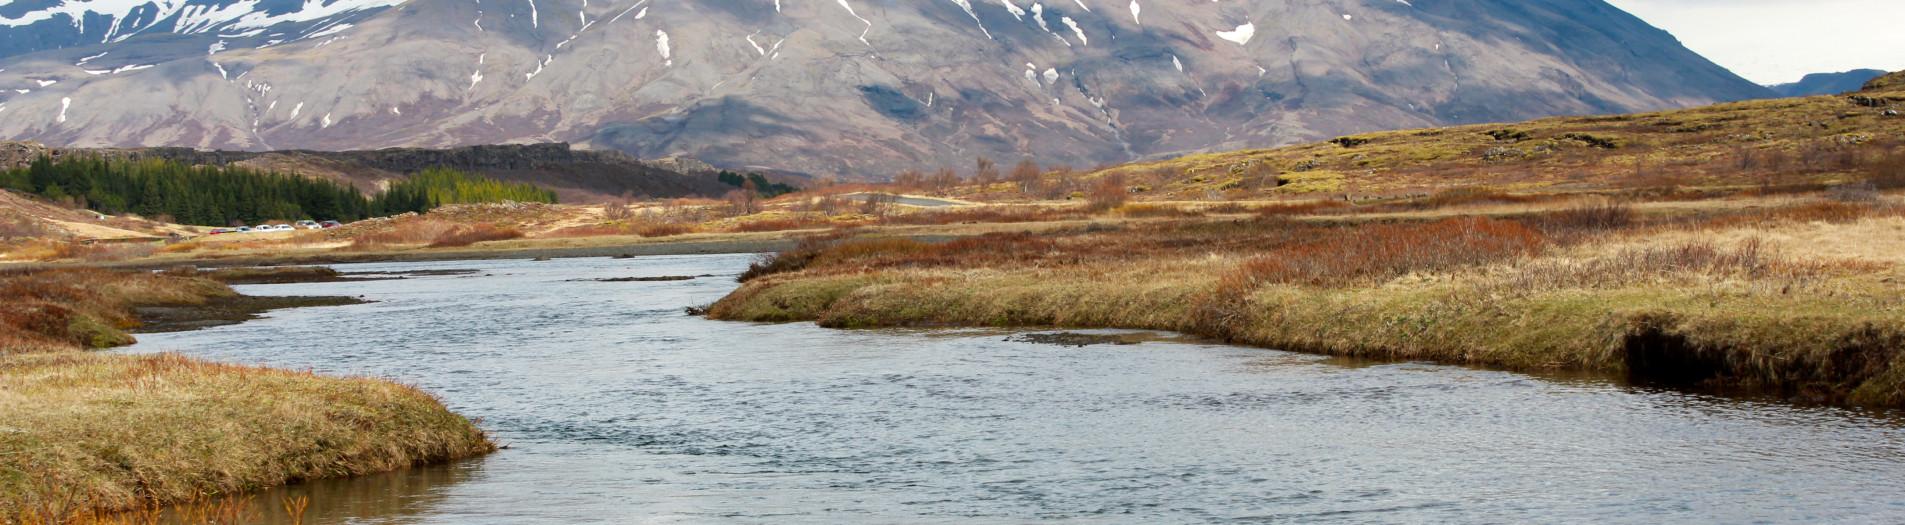 Ísland